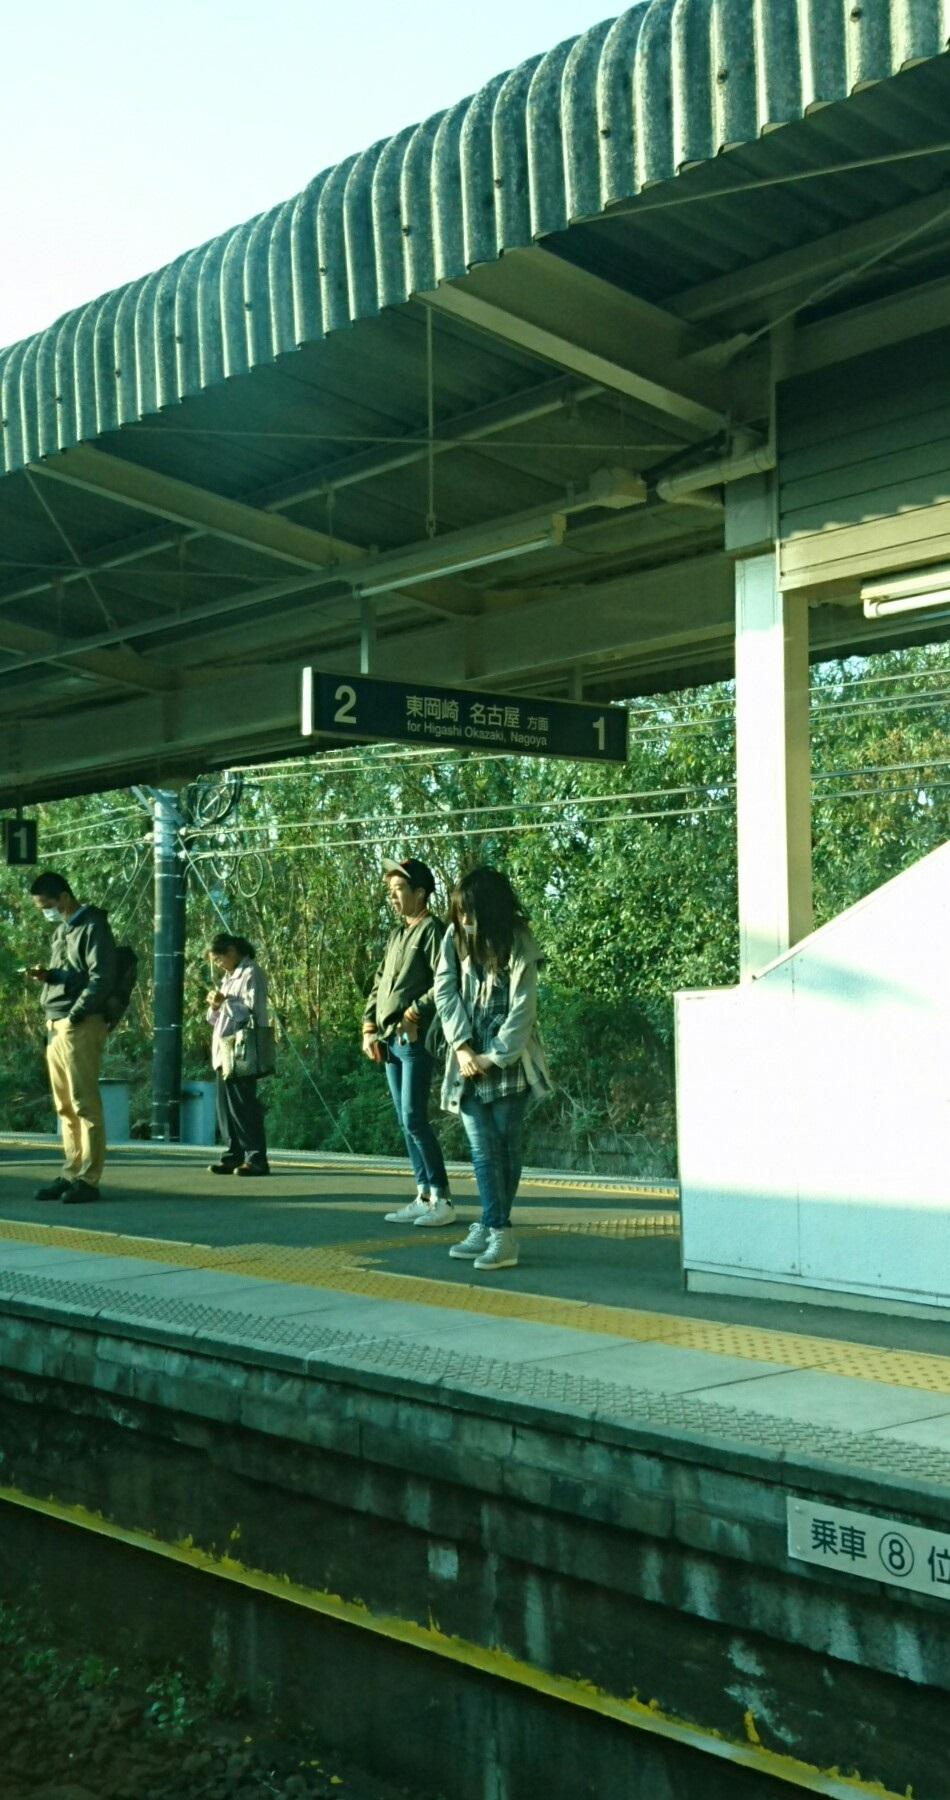 2018.3.28 金谷まで (7) 豊橋いき急行 - 美合 950-1800